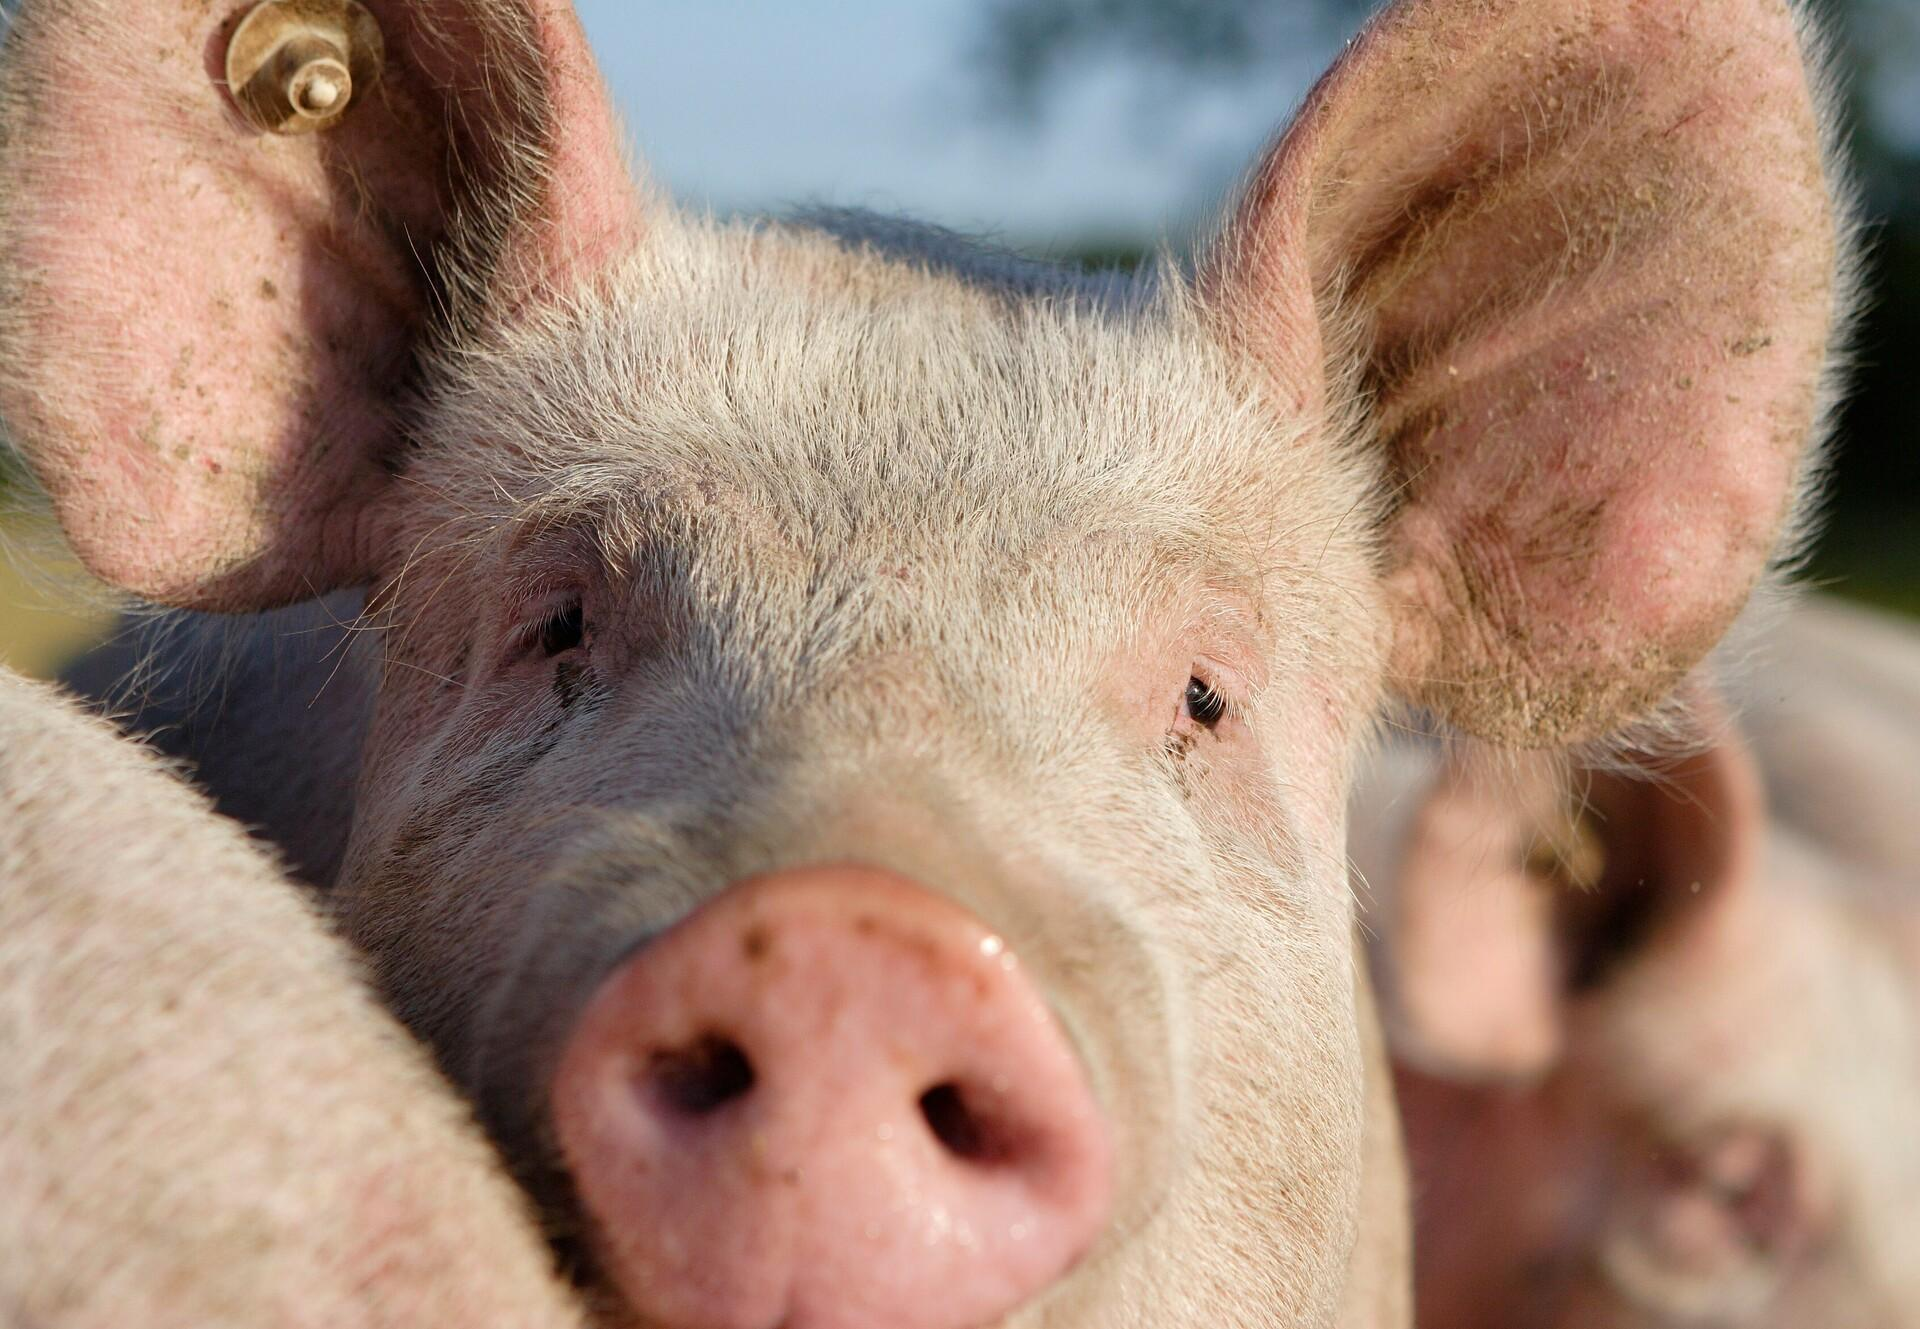 Des aliments inattendus peuvent contenir des ingrédients issus du cochon